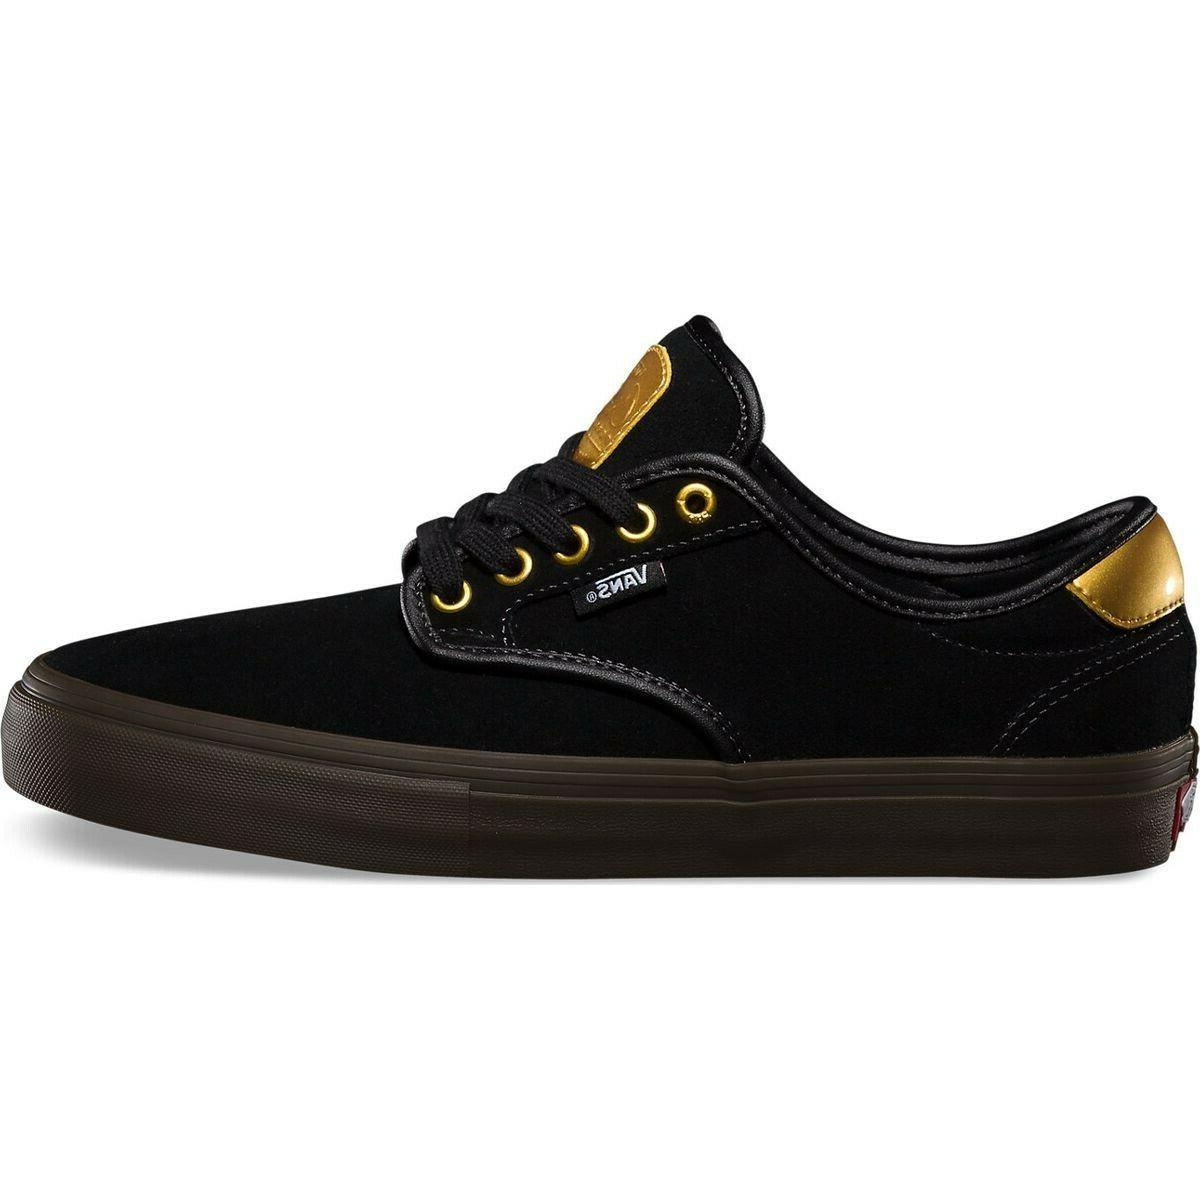 Vans FERGUSON Mens Shoes BLACK GUM Free